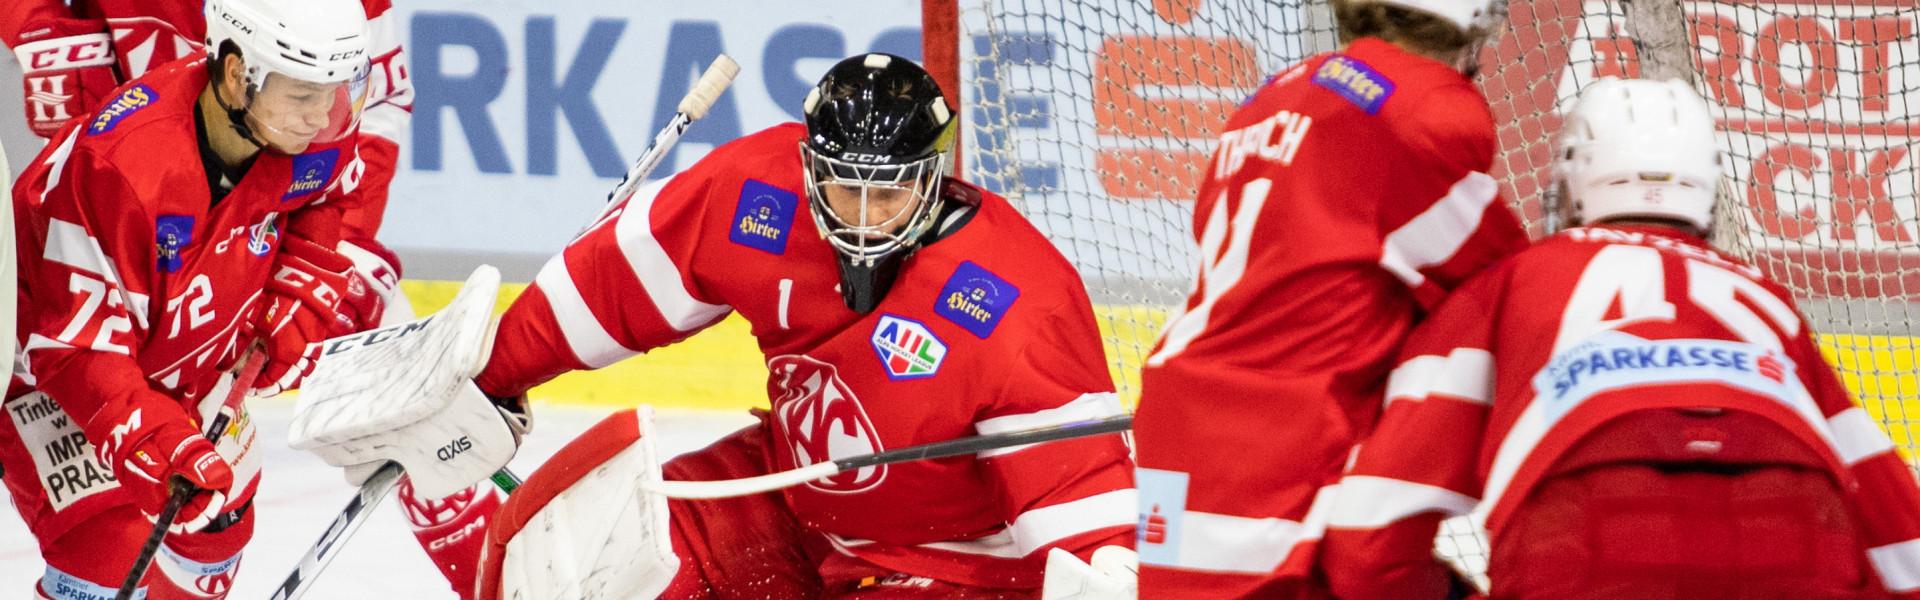 Val Usnik, Goalie des EC-KAC Future Team